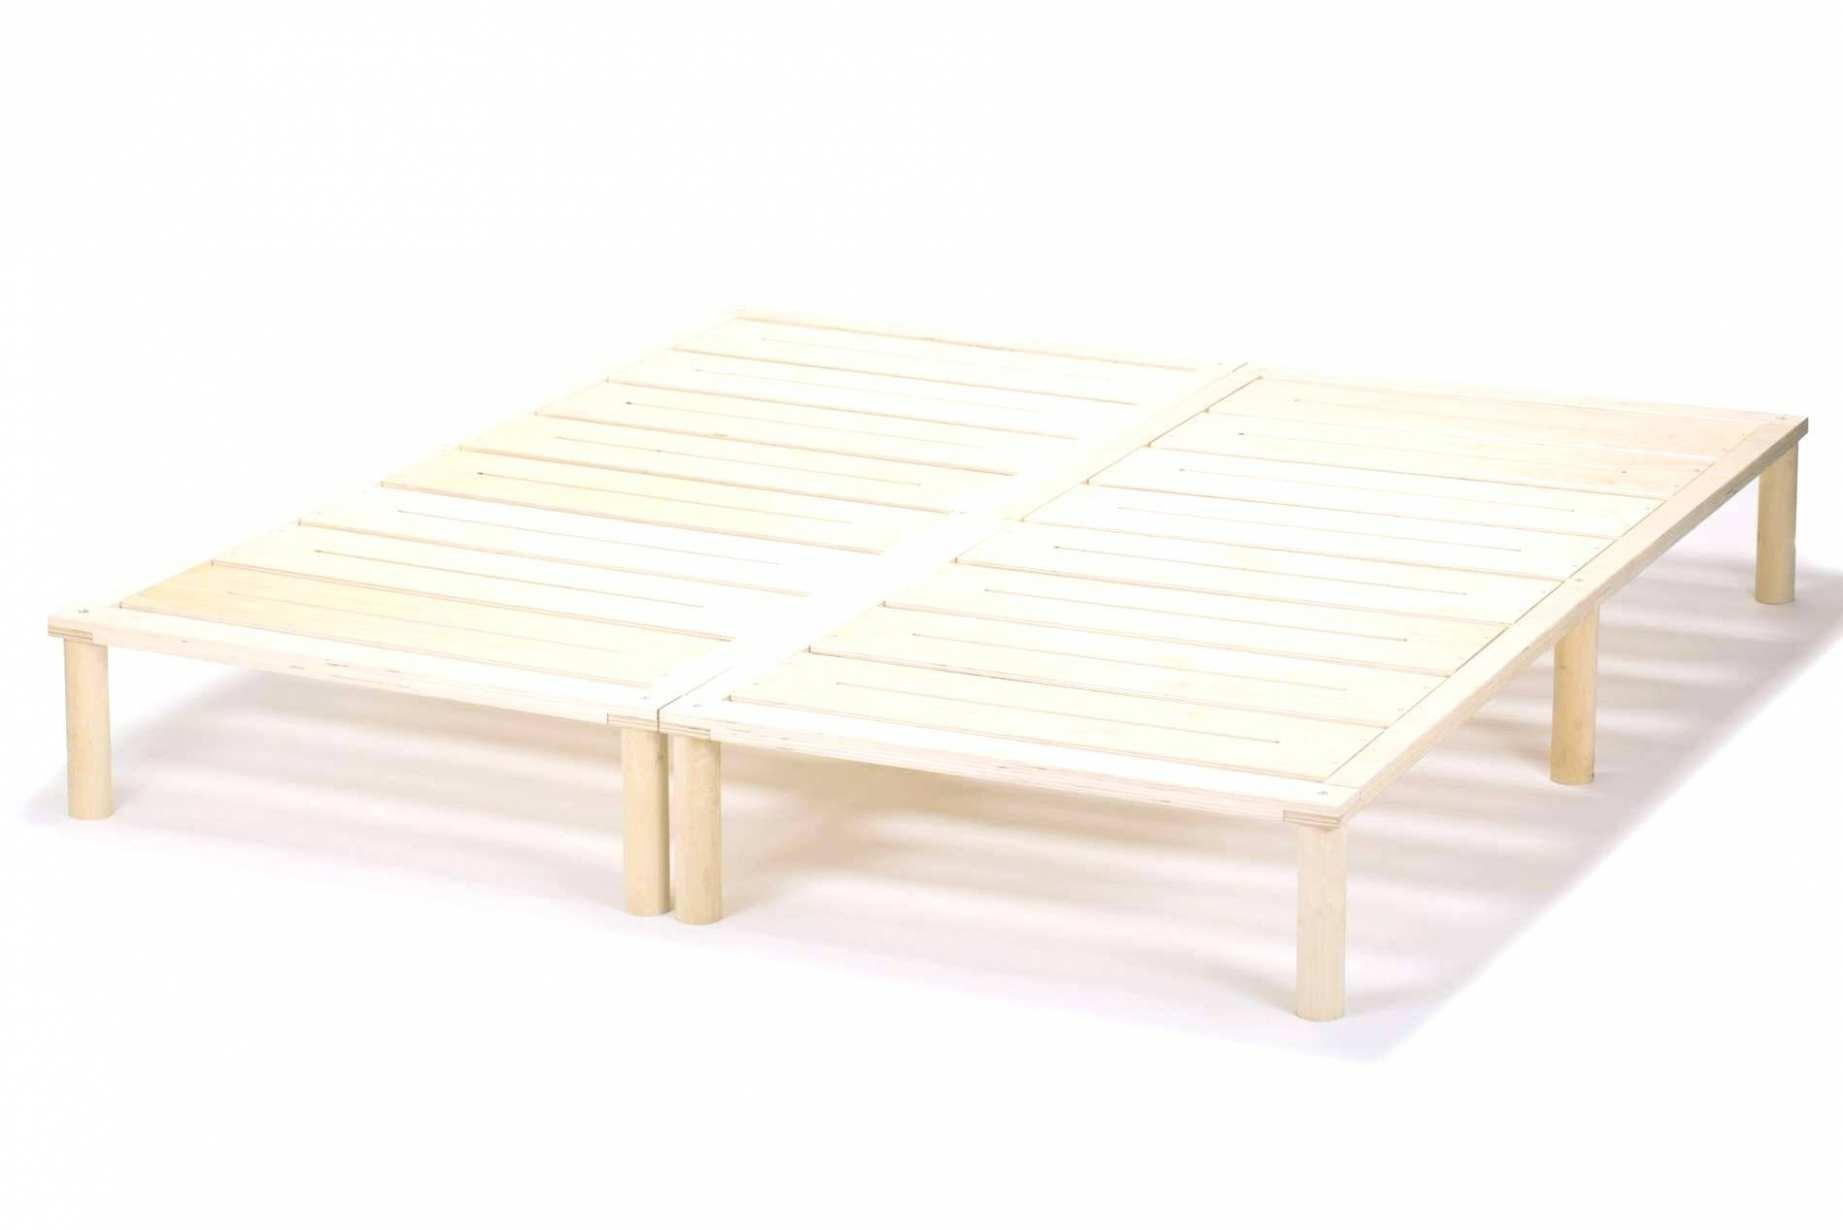 Full Size of Laptop Tisch Bett Neu 45 Elegant Aus Balken Selber Bauen Einbauküche Regale Bodengleiche Dusche Nachträglich Einbauen Kopfteil Fenster 140x200 Neue Wohnzimmer Klapptisch Bauen